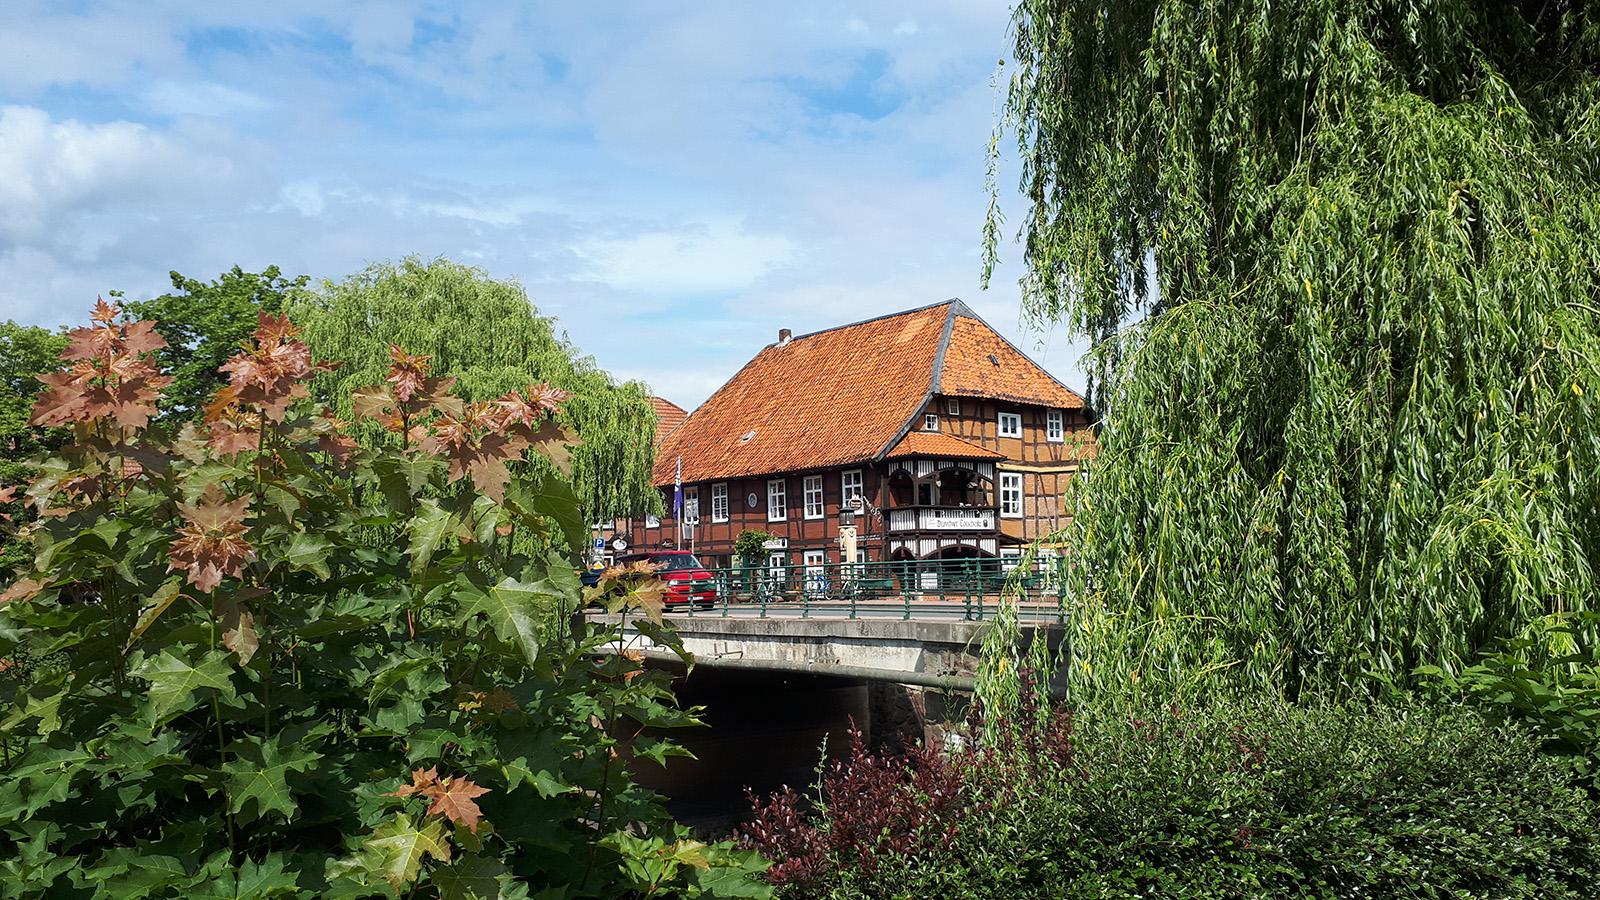 Ansicht der Altstadt von Hitzacker am Wendlandrundweg